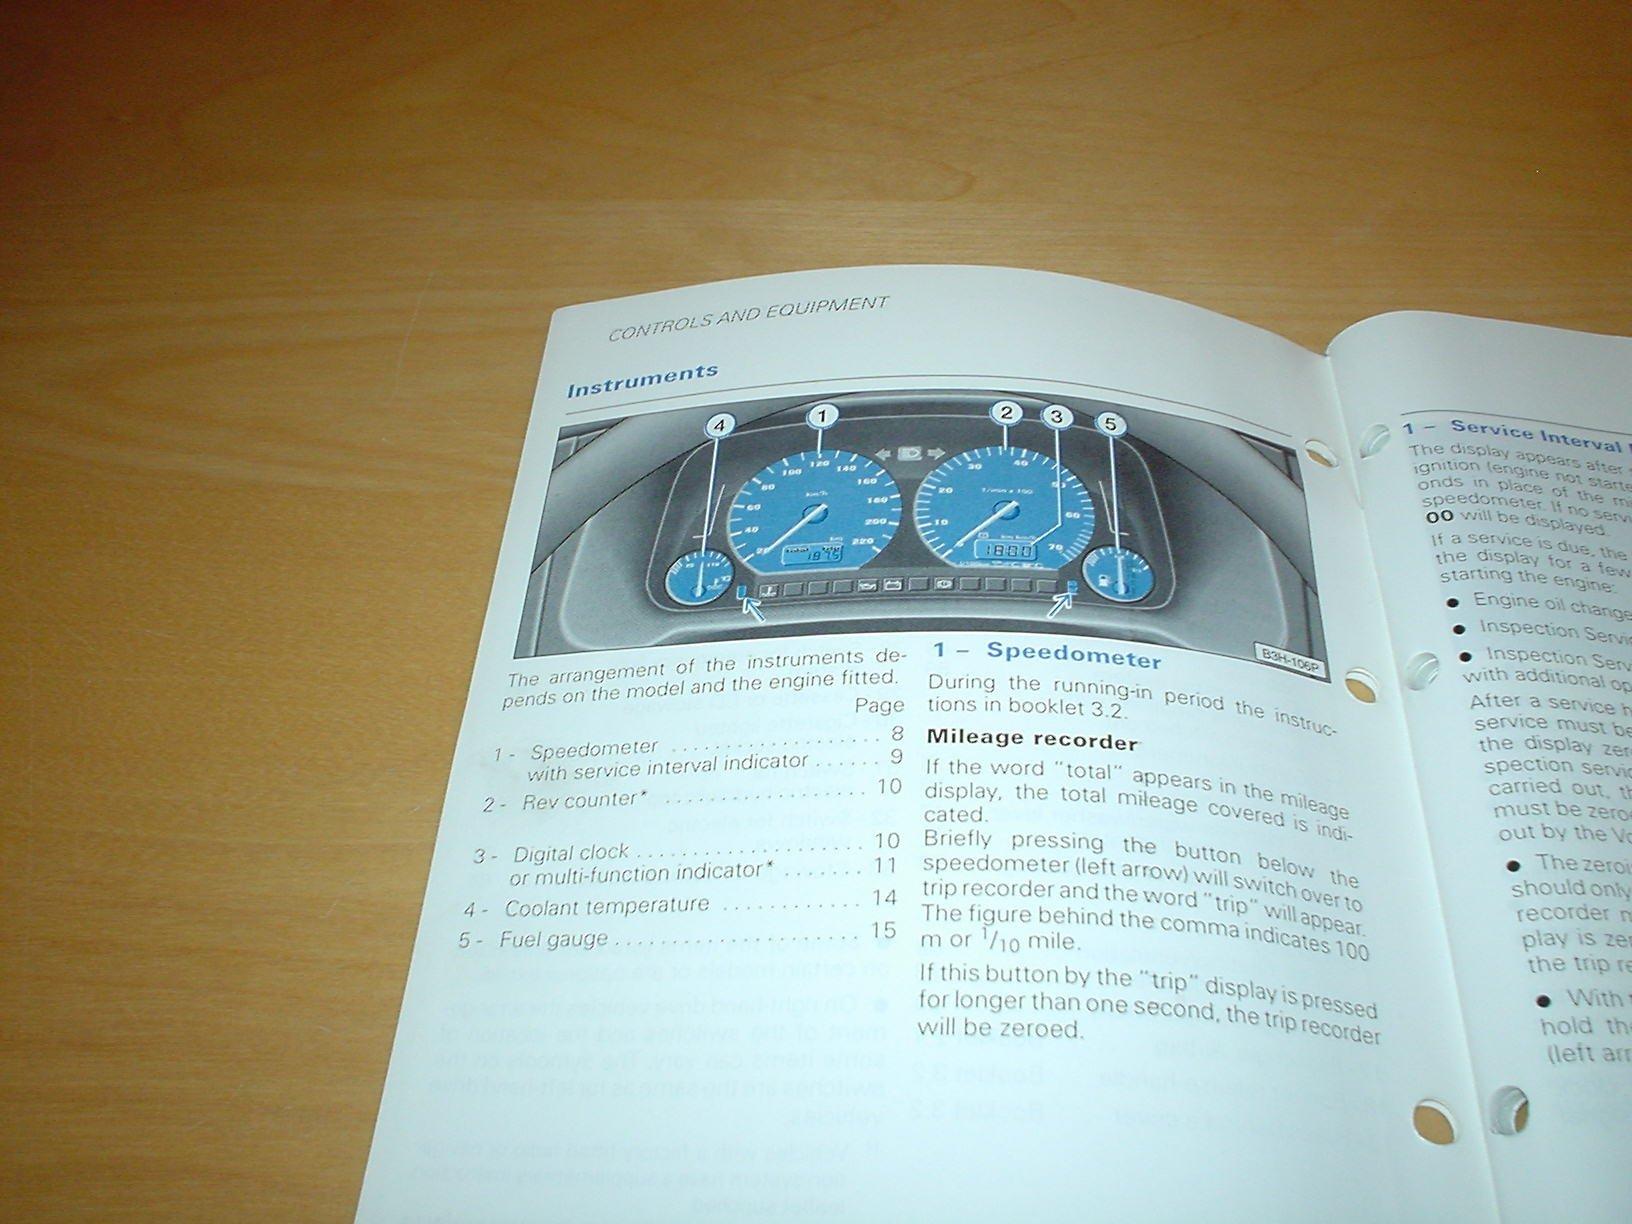 volkswagen golf mk4 cabriolet owners manual handbook c w wallet rh amazon co uk Volkswagen Jetta MK4 Volkswagen Jetta MK4